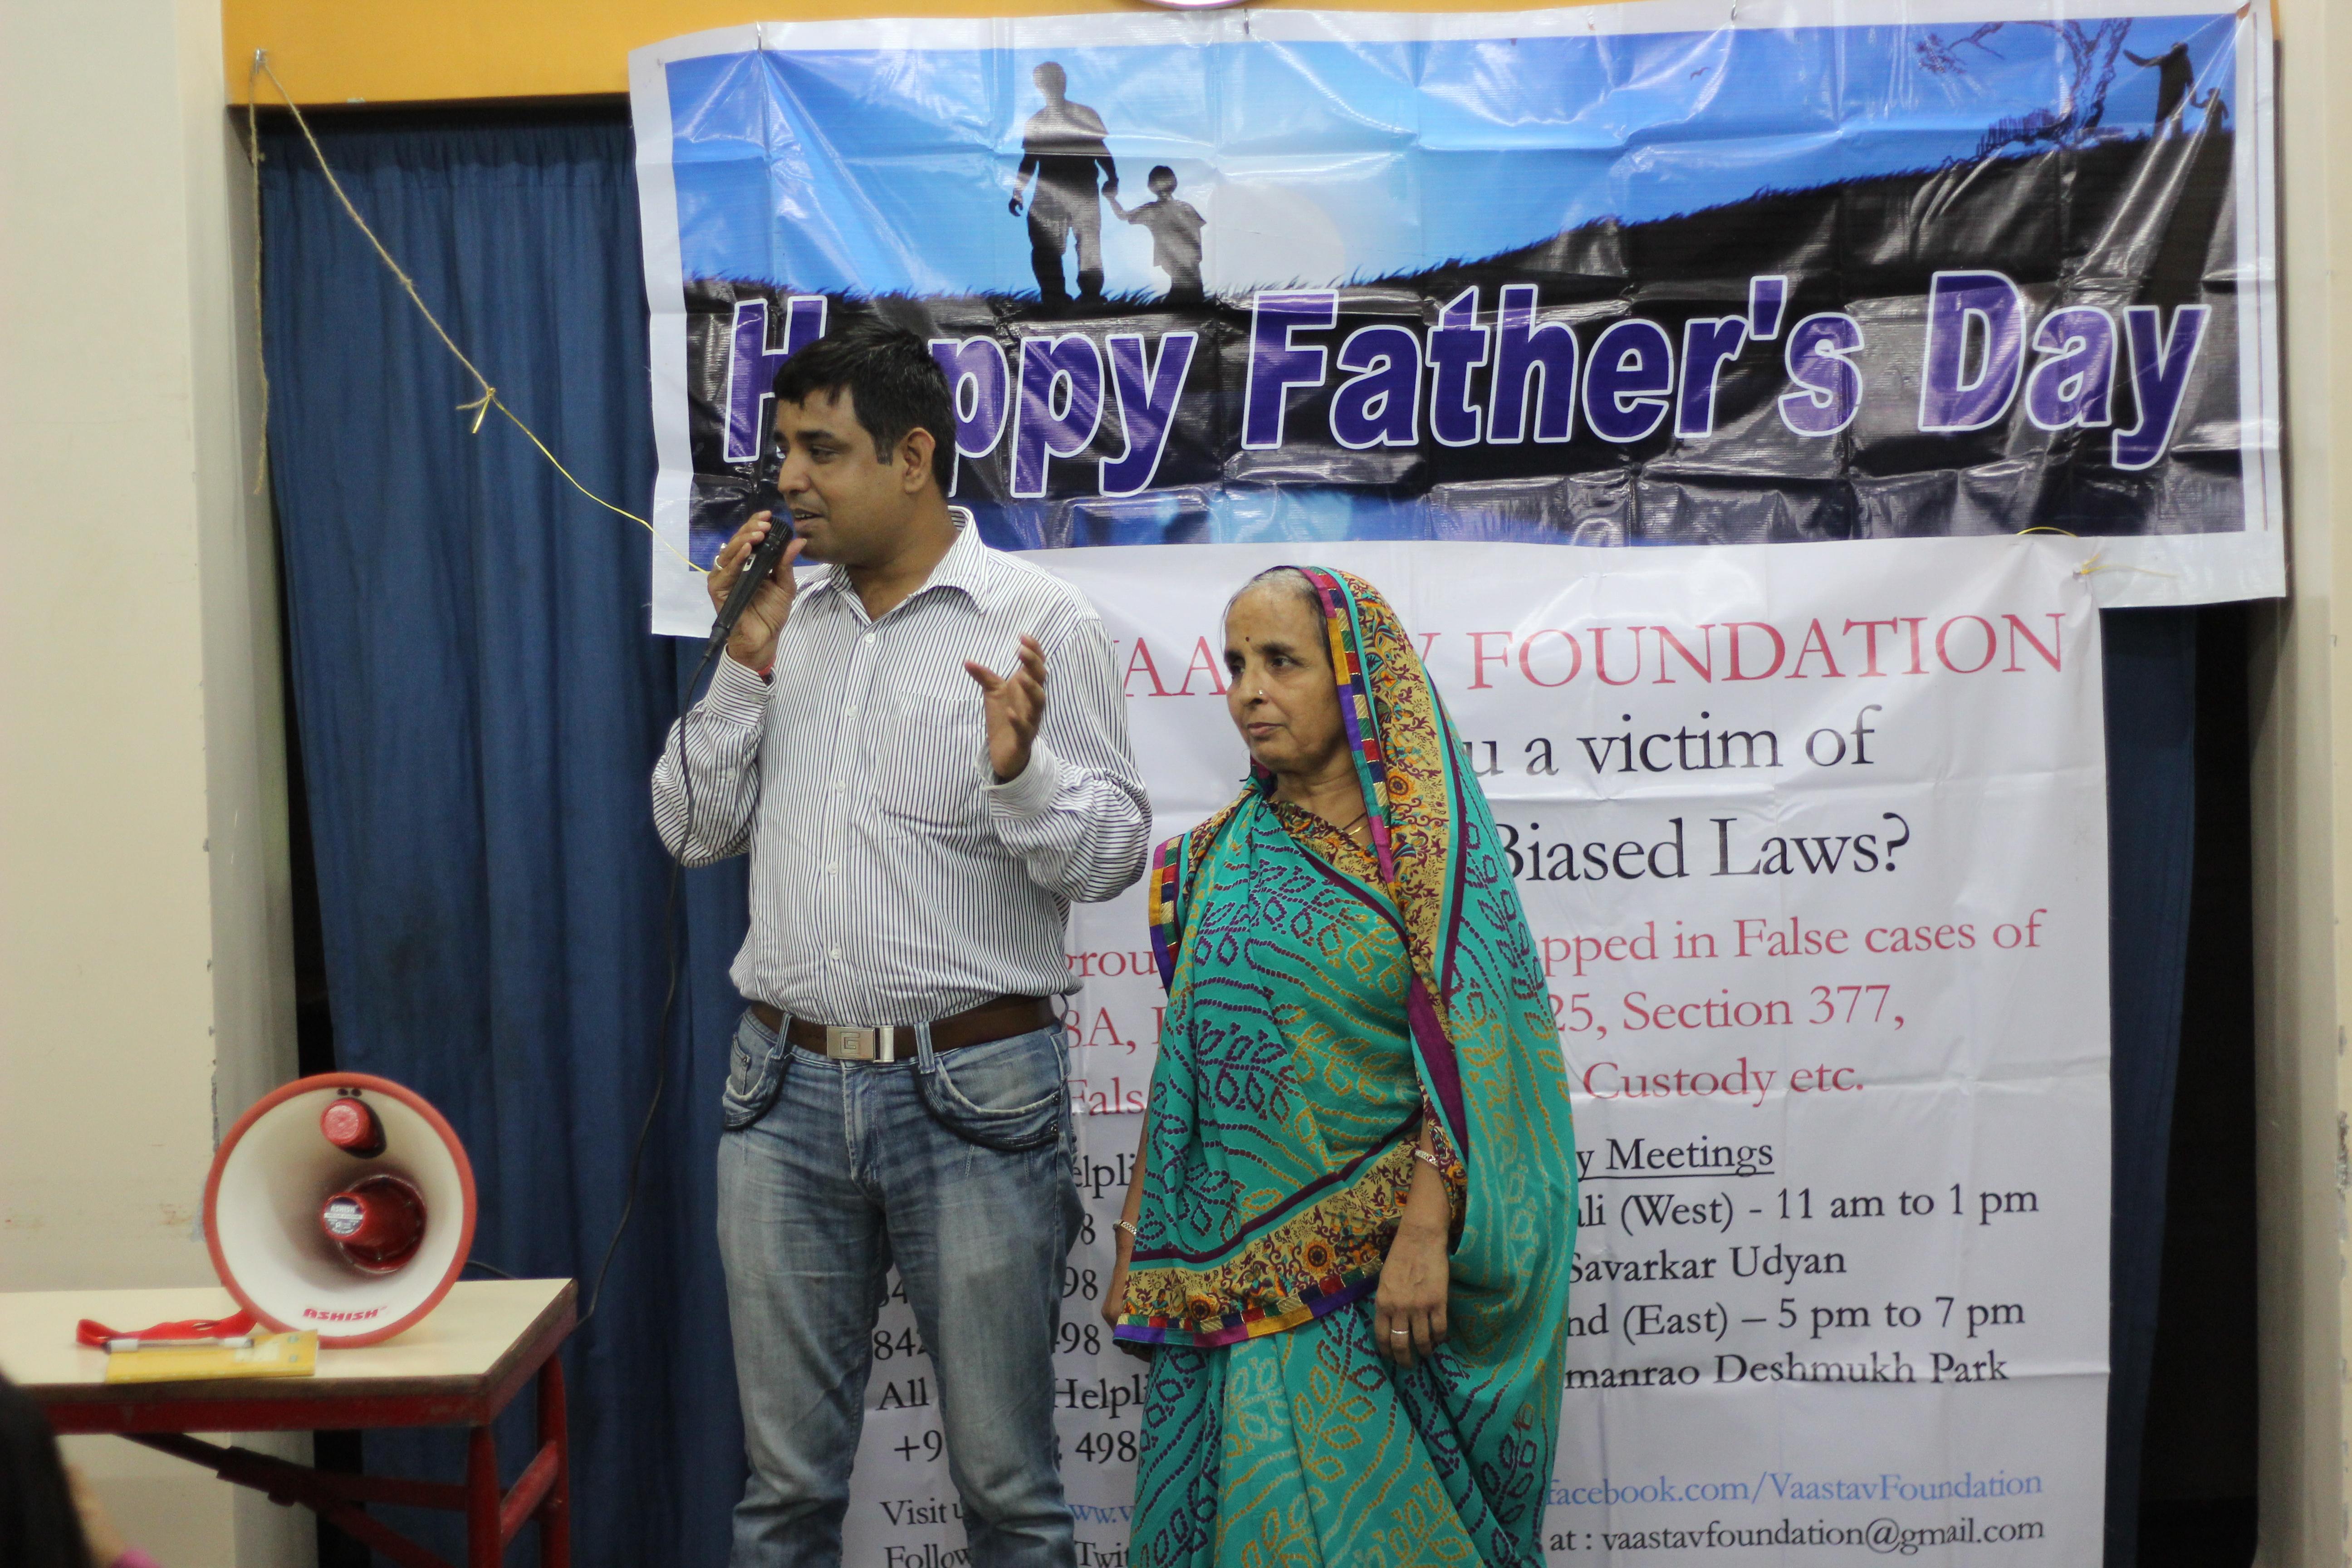 FathersDay2015 by GSat 073